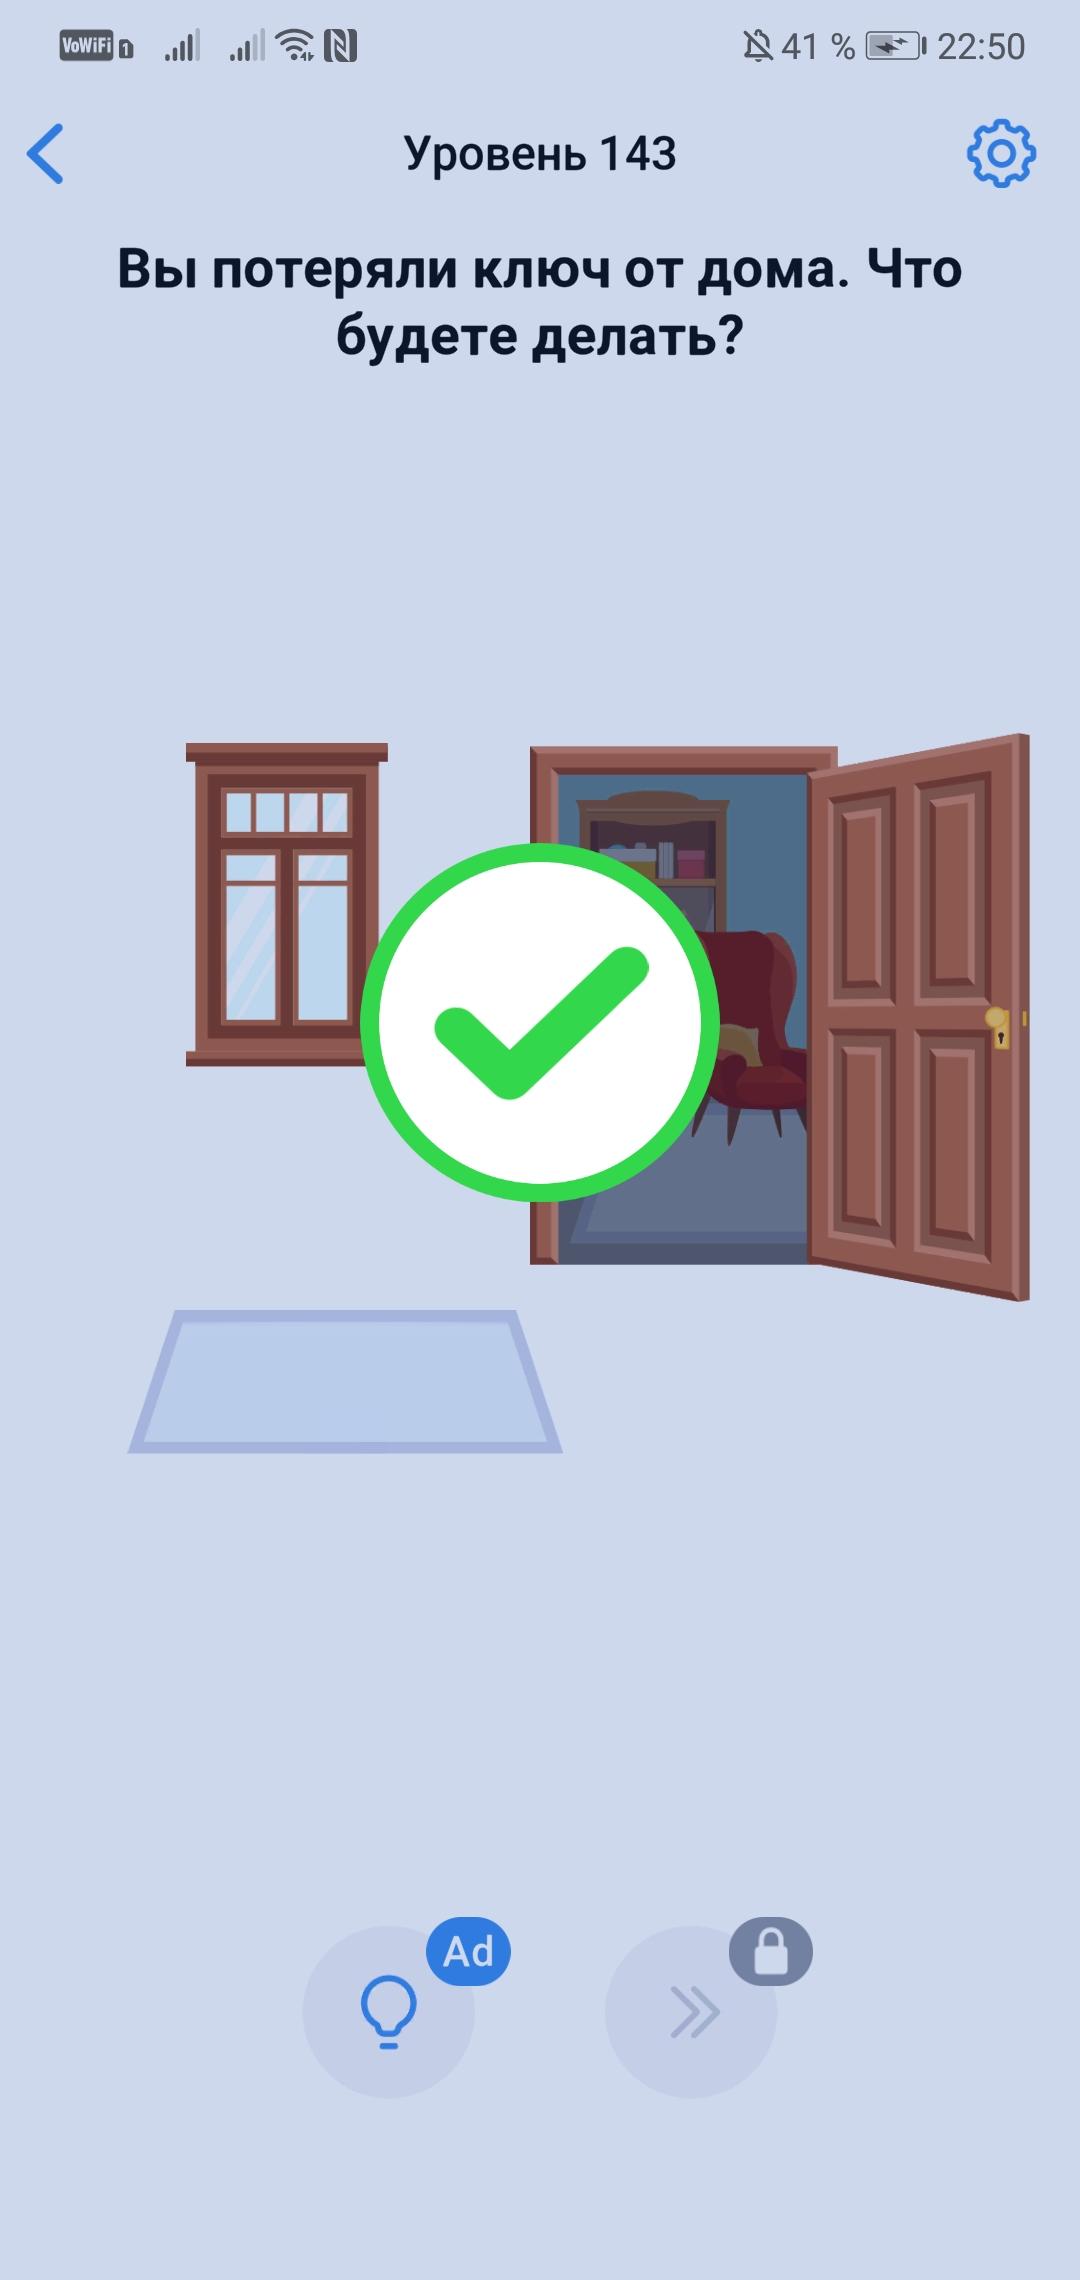 Easy Game - 143 уровень -Вы потеряли ключ от дома. Что будете делать?